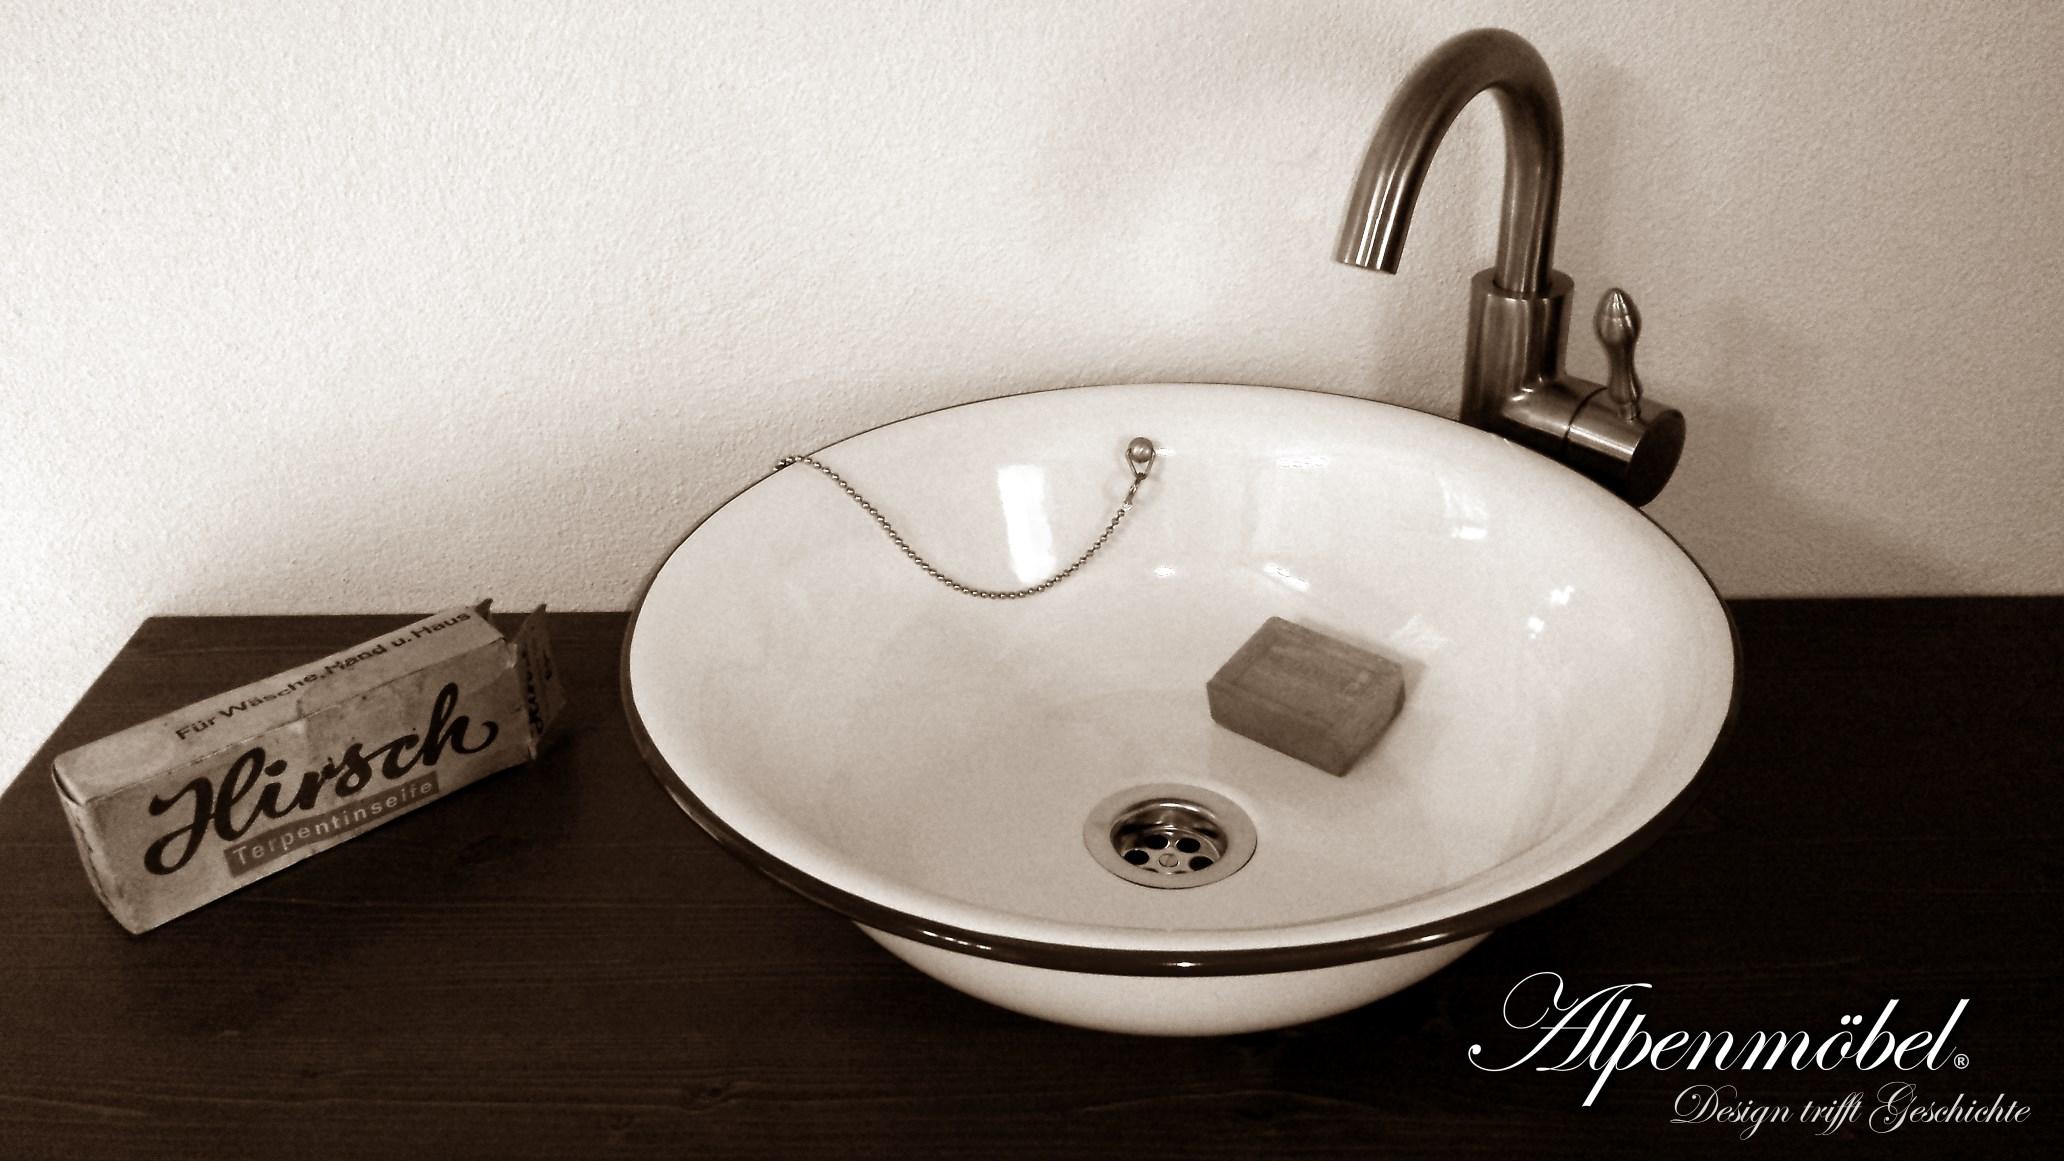 Waschbecken Retro Design : alpenm bel design trifft geschichte alpenemaille waschbecken ~ Markanthonyermac.com Haus und Dekorationen